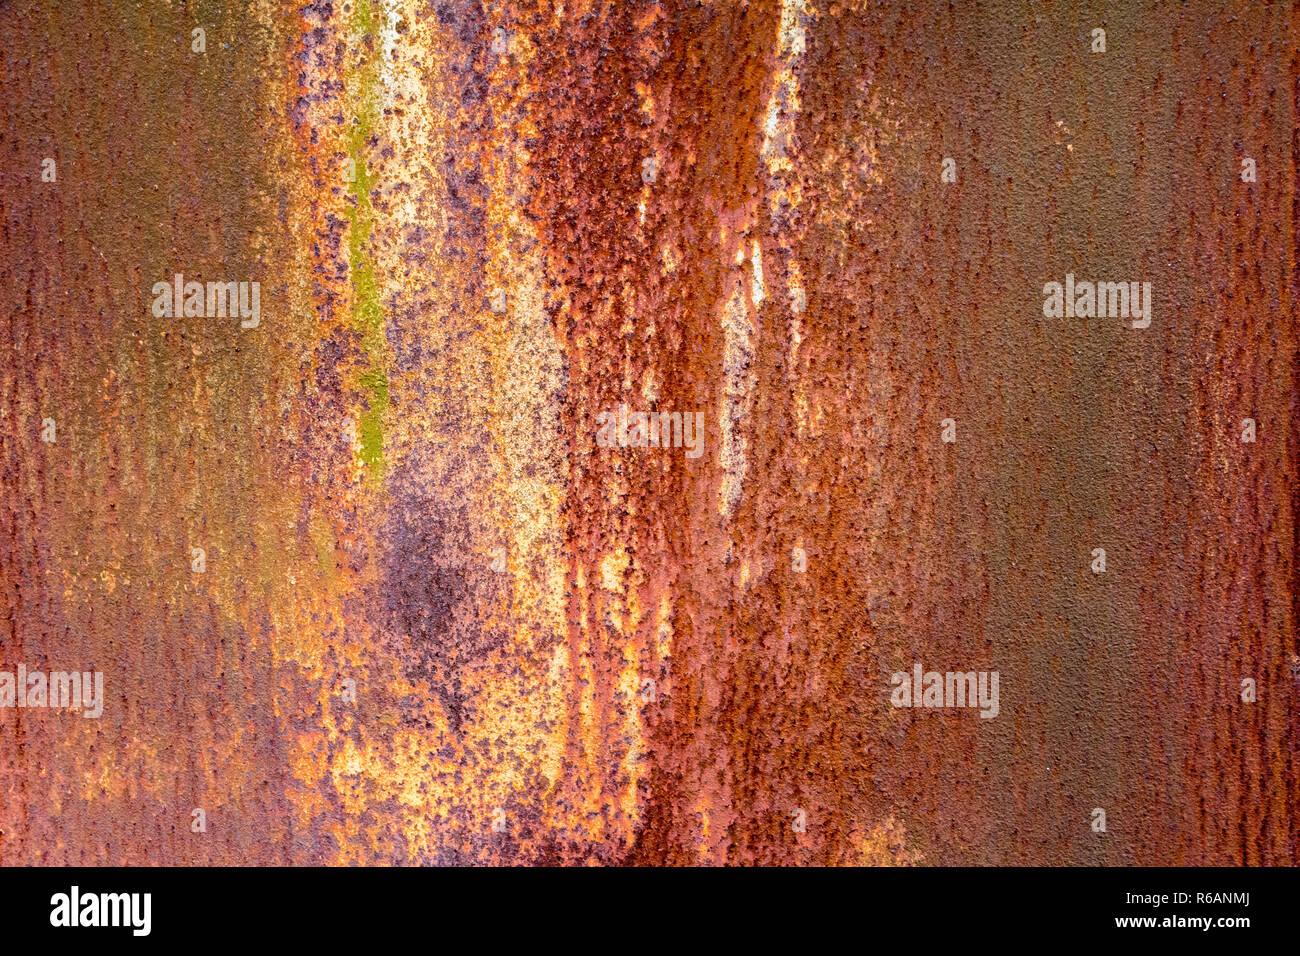 Abstrakte verwitterten Rusty metallischen Hintergrund Stockbild